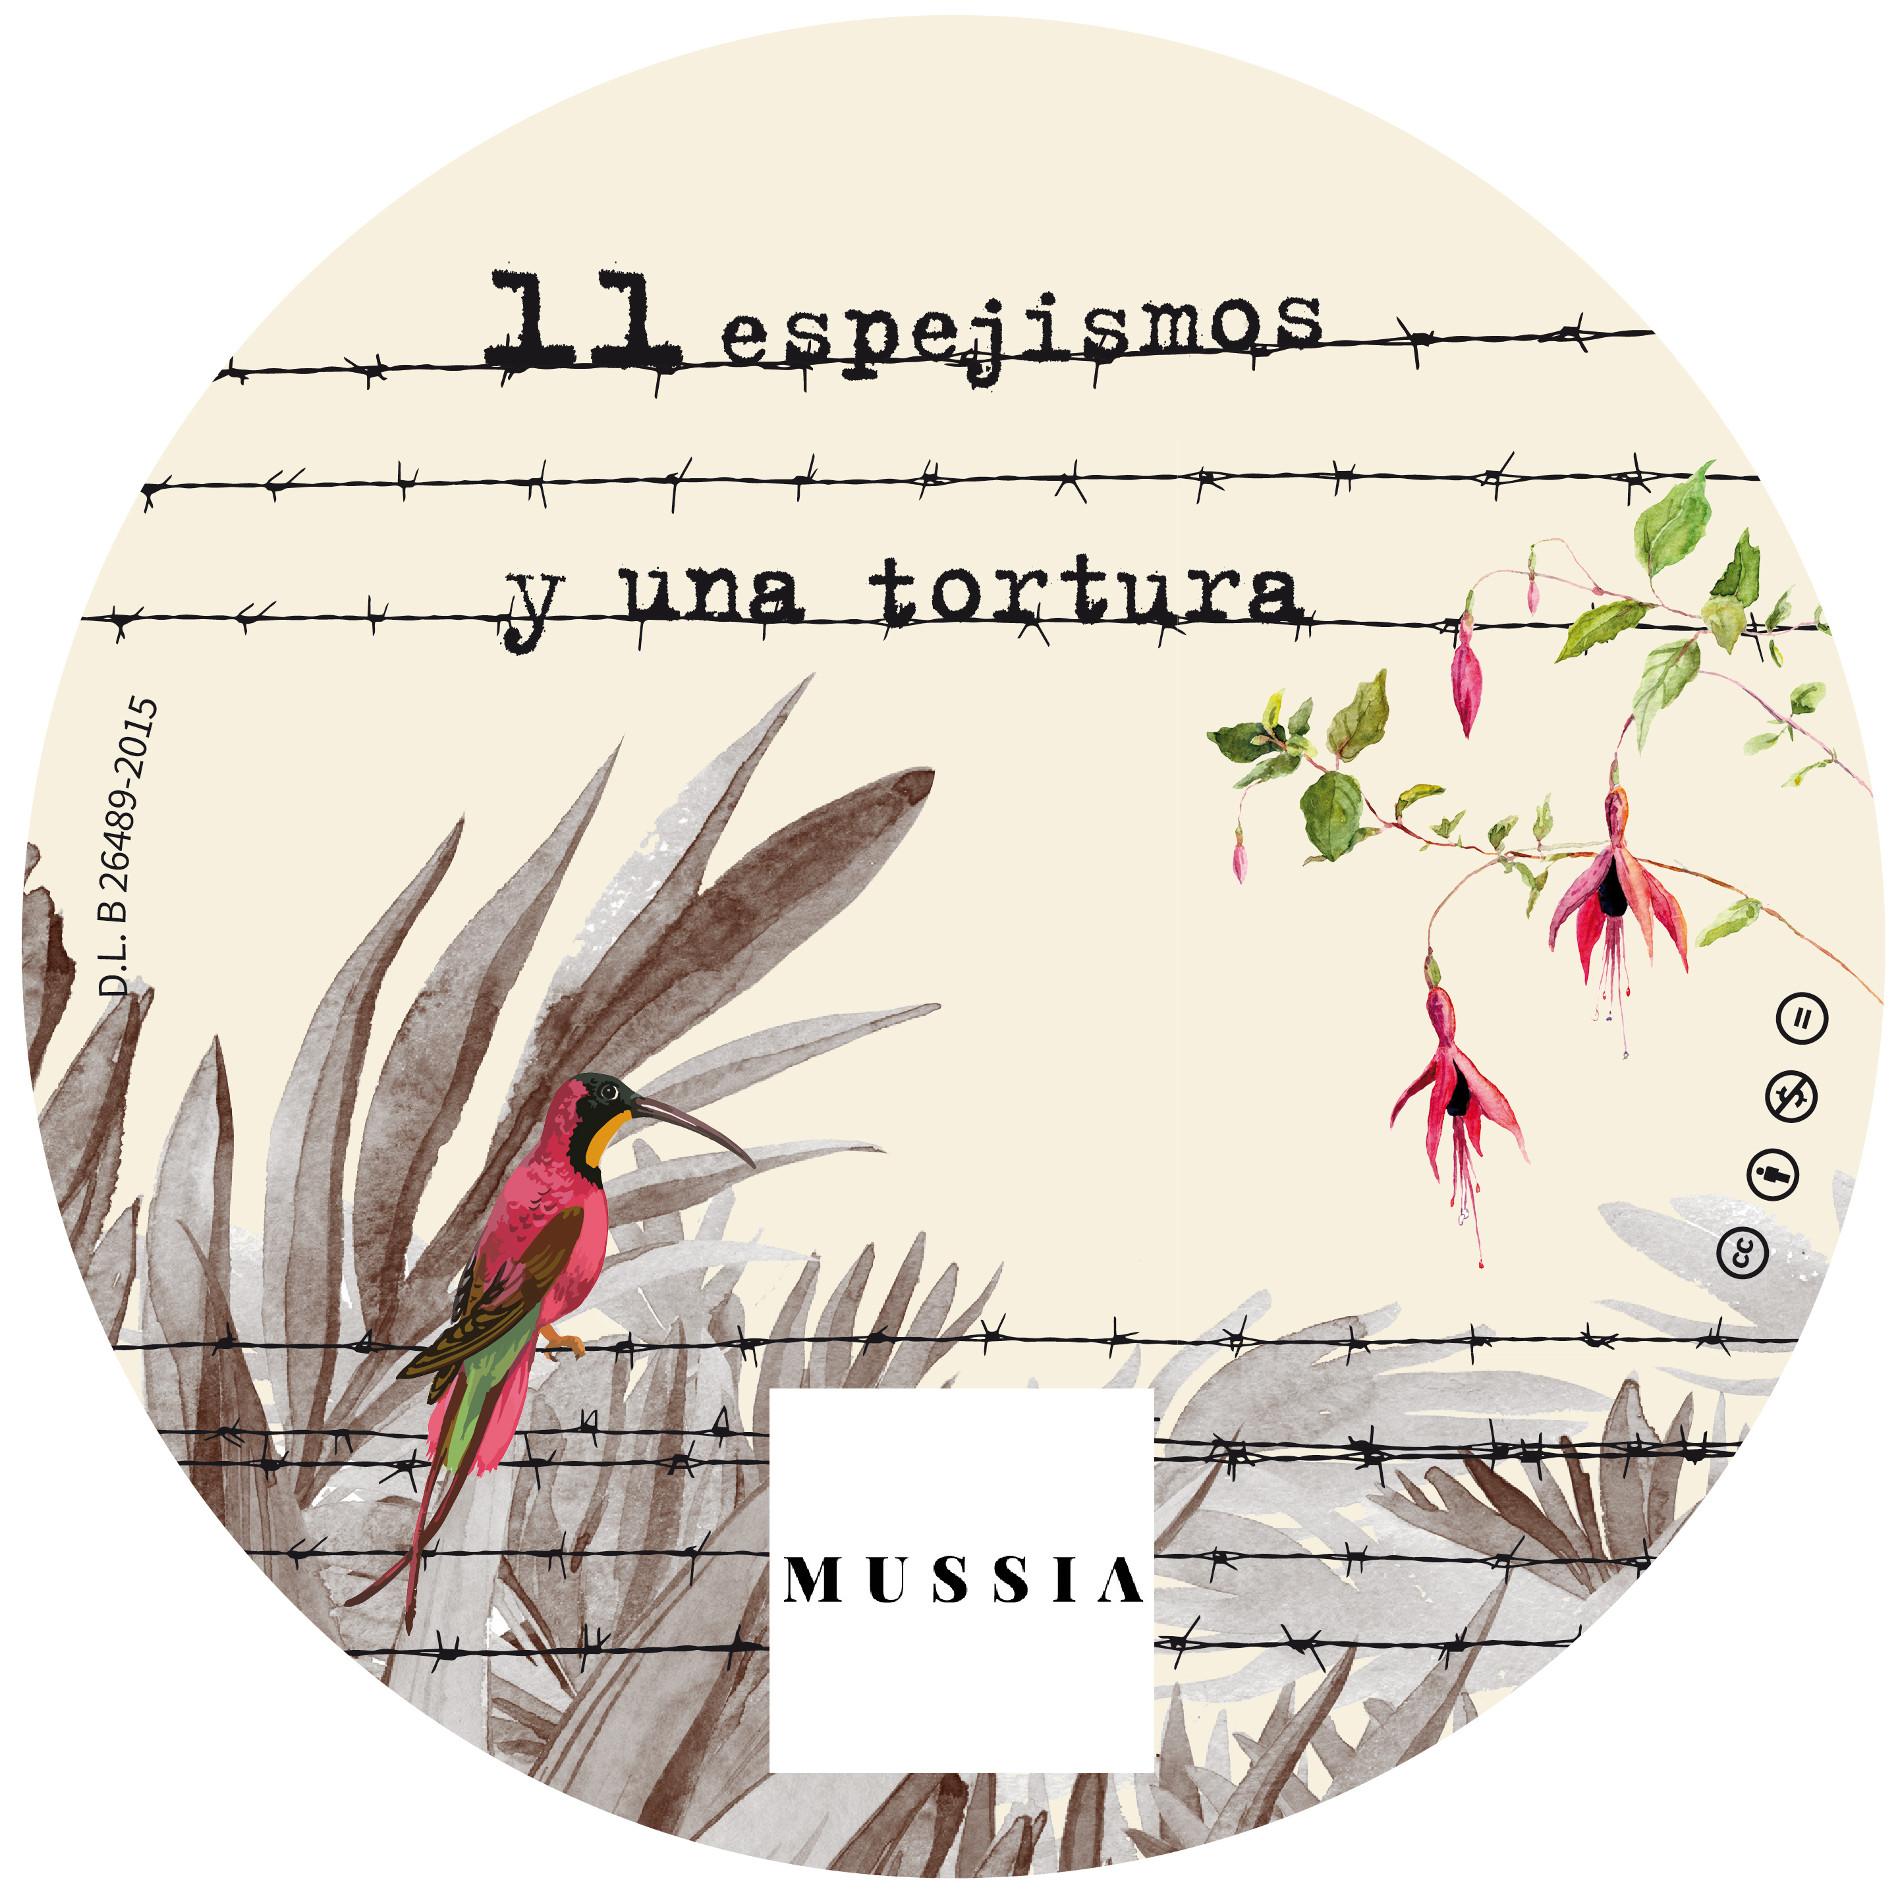 Edició del llibre cd per a Mussia-w